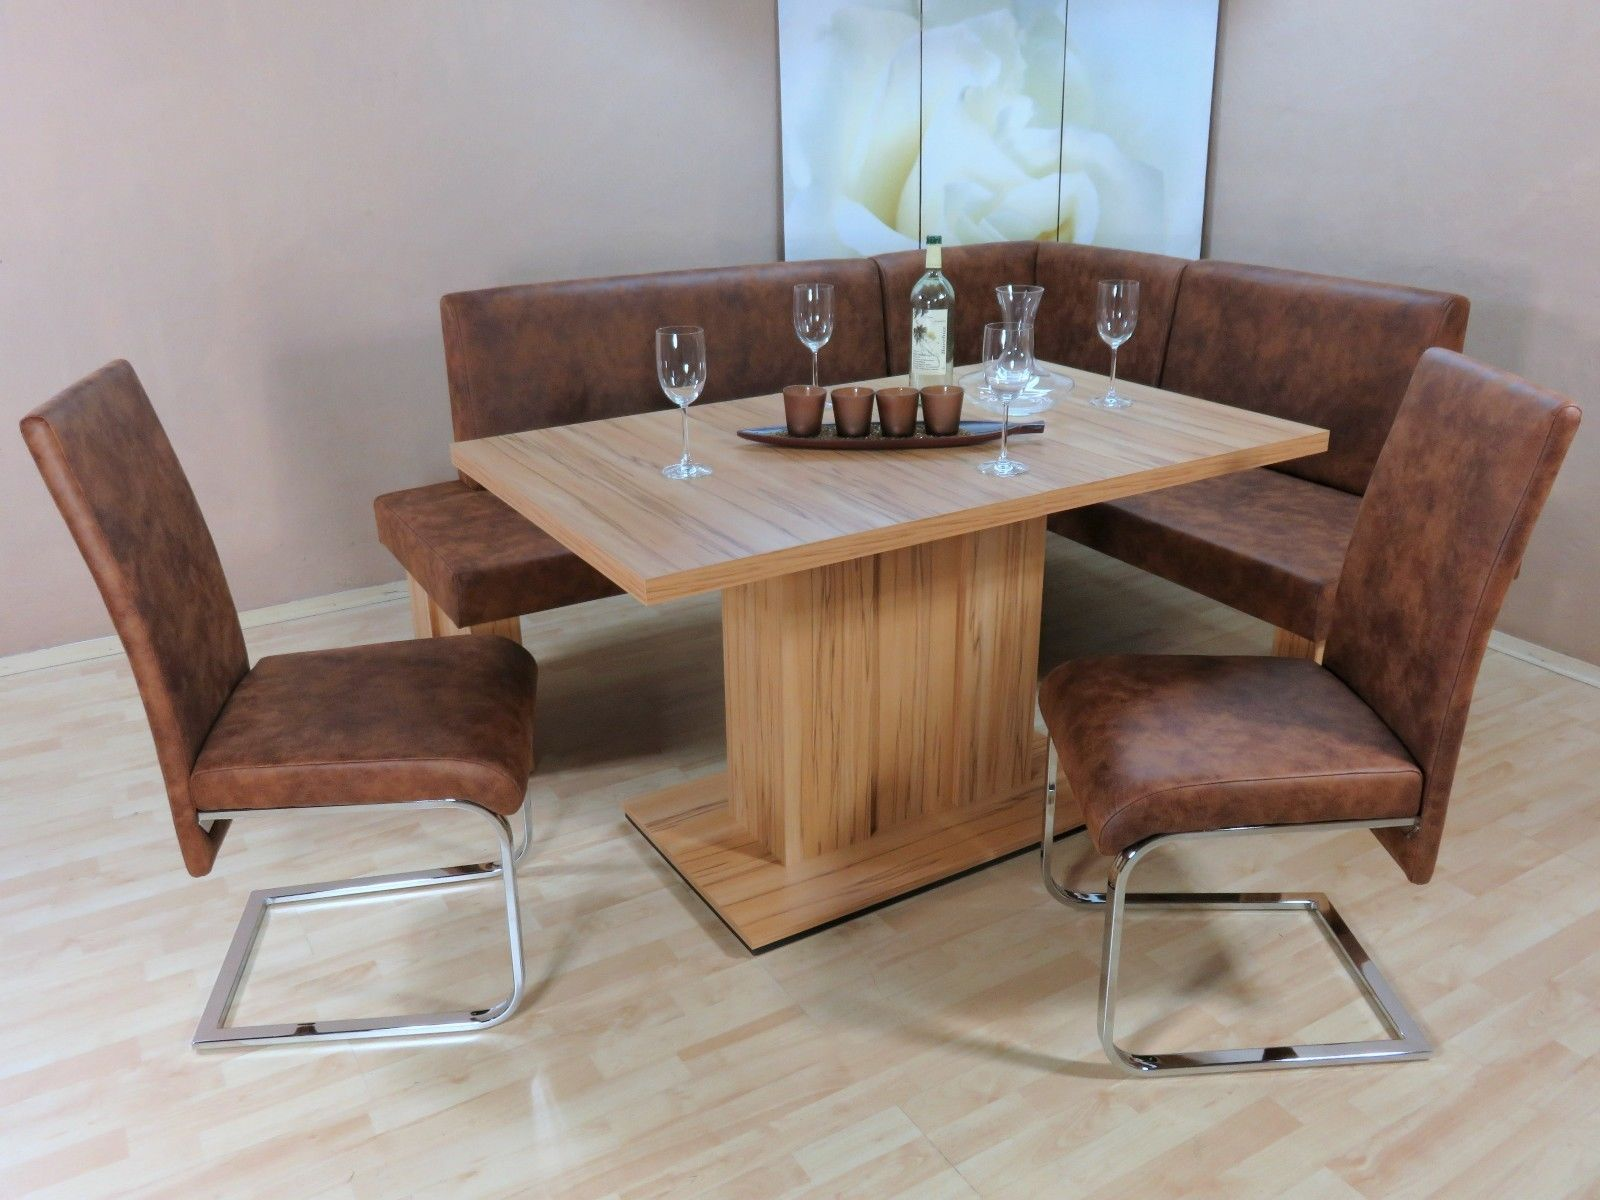 Geräumig Moderne Stühle Günstig Referenz Von Eckbankgruppe Kernbuche Cognac Essgruppe Stühle Tisch Design